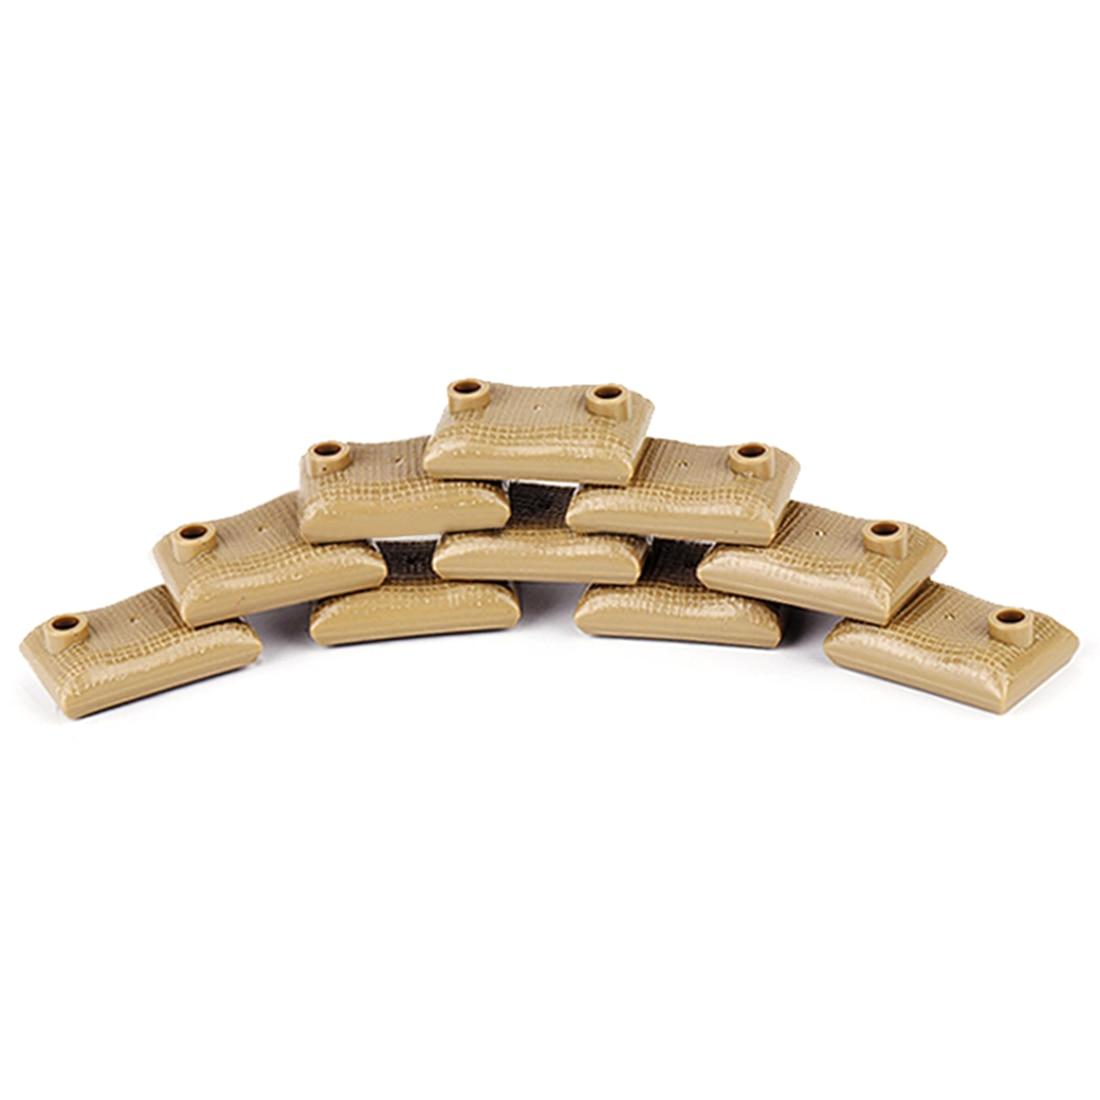 10 шт военные войны тема DIY маленькие частицы строительный блок земляные мешки модель головоломка игрушка для строительных блоков брендов-темно-коричневый